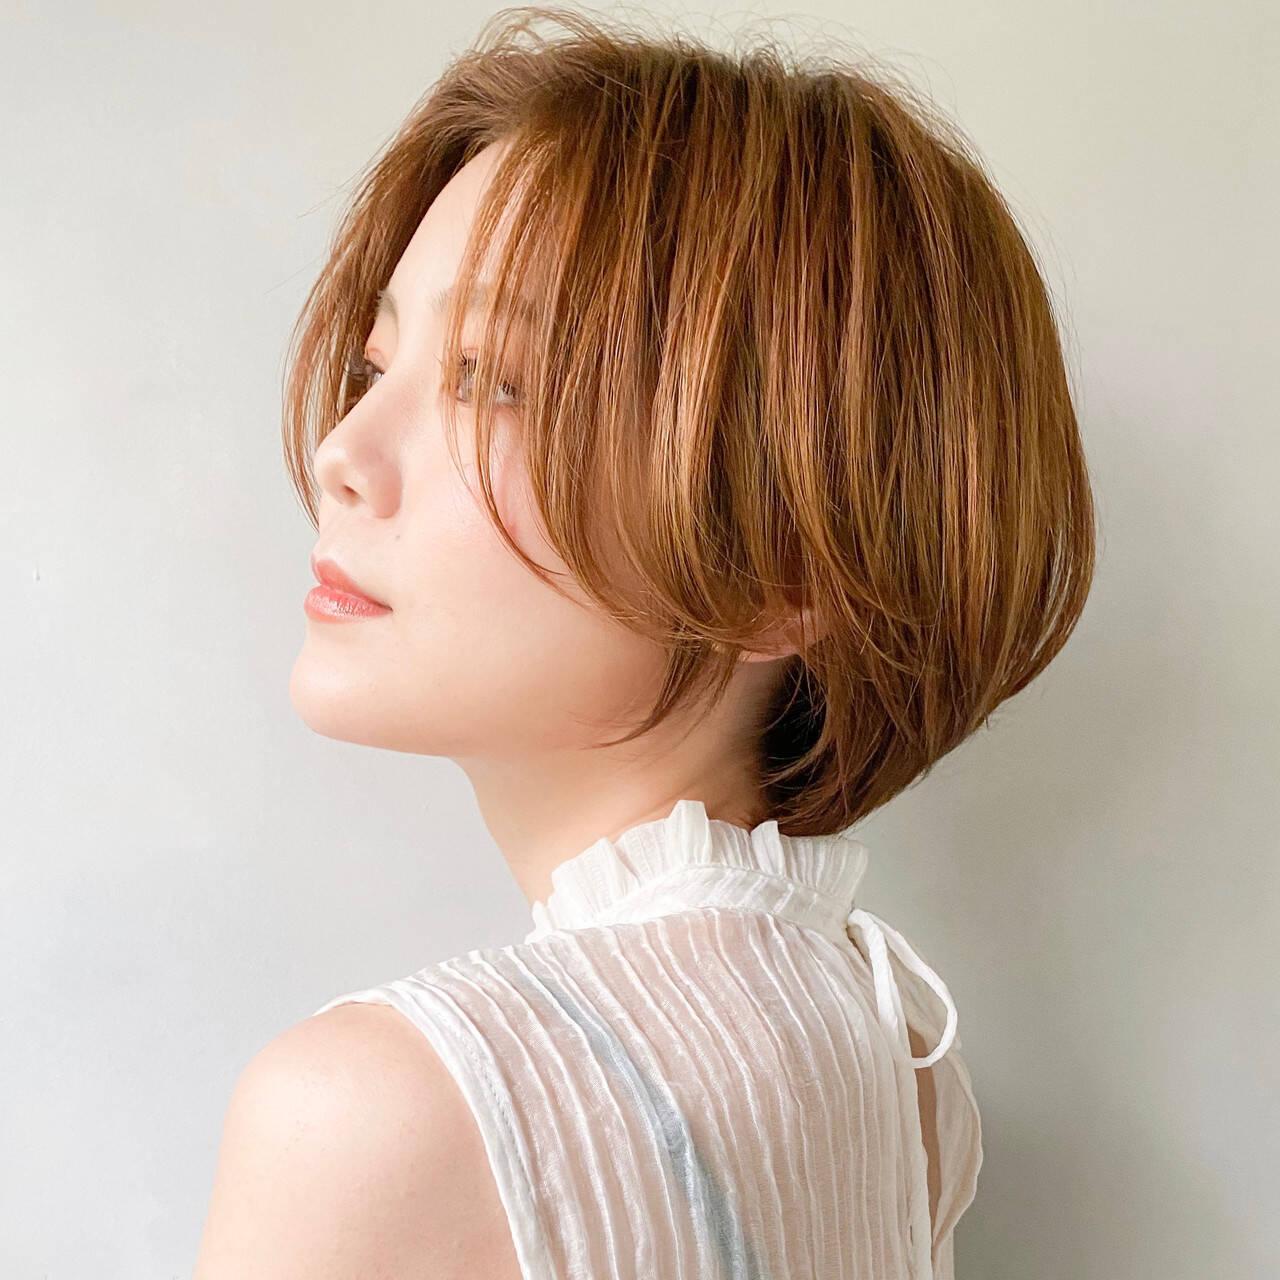 ショートボブ ボブ インナーカラー ミニボブヘアスタイルや髪型の写真・画像